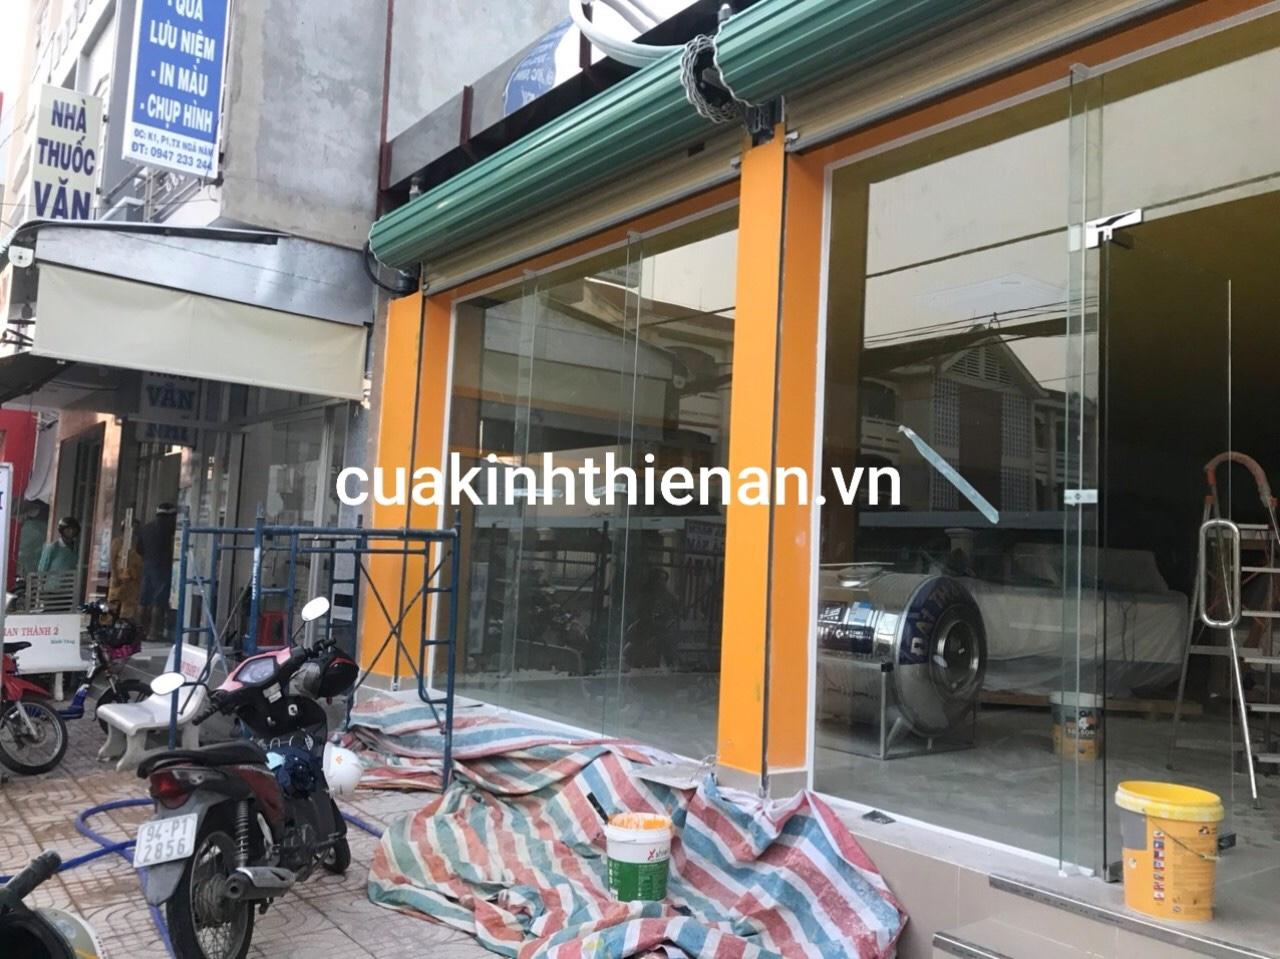 Vách kính hcm giá rẻ cường lực tại Thiên An Phát